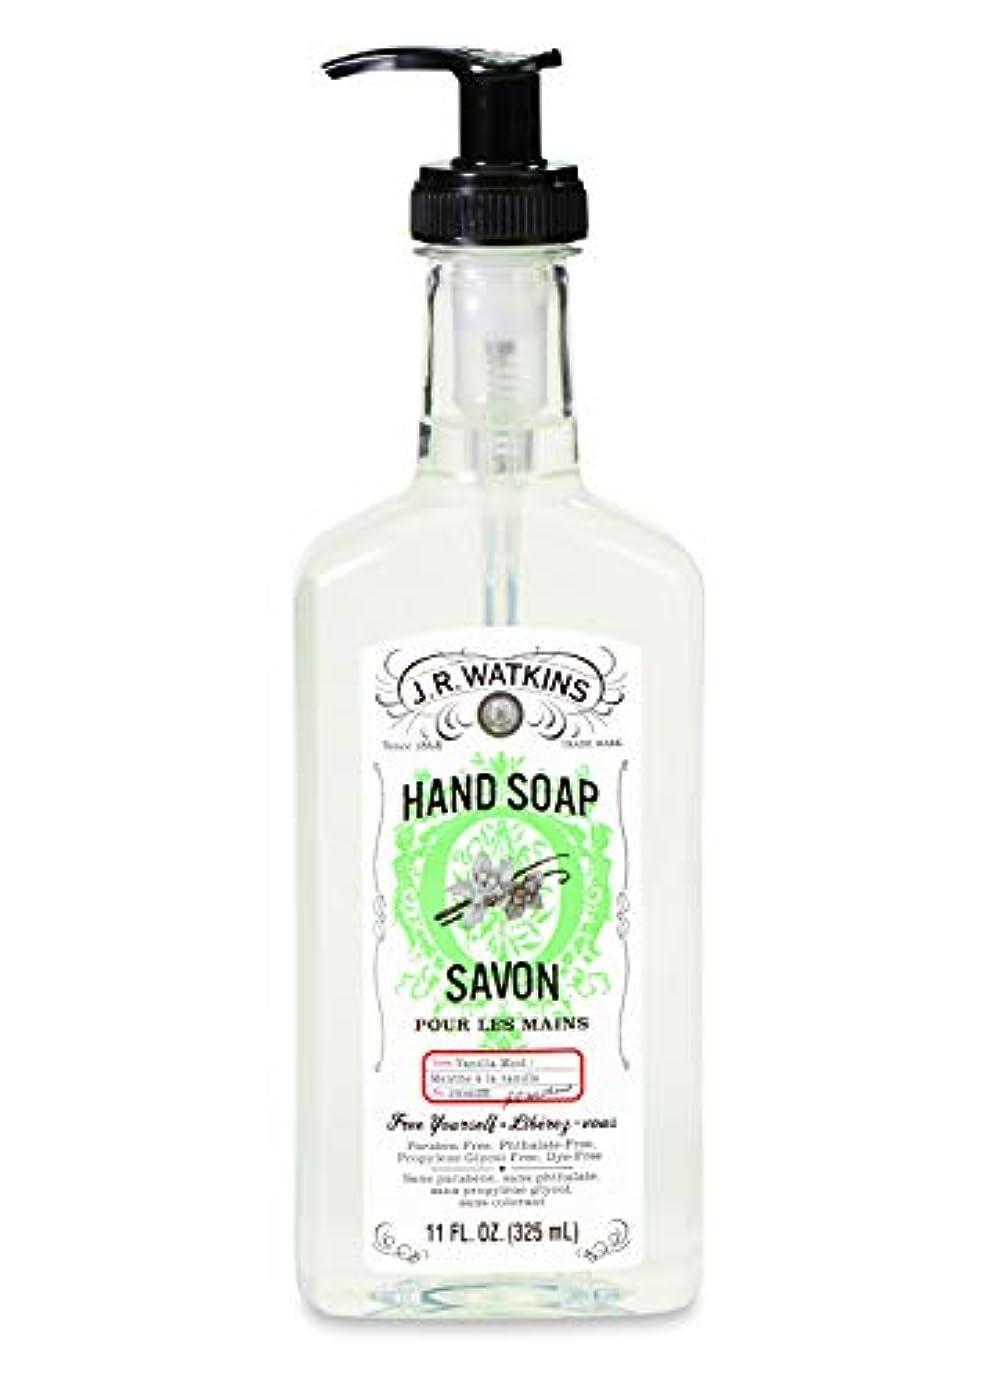 すなわち汚い余分なJ.R.Watkins/ハンドソープ バニラミント 325ml リラックス 石鹸 植物由来 保湿 甘い香り